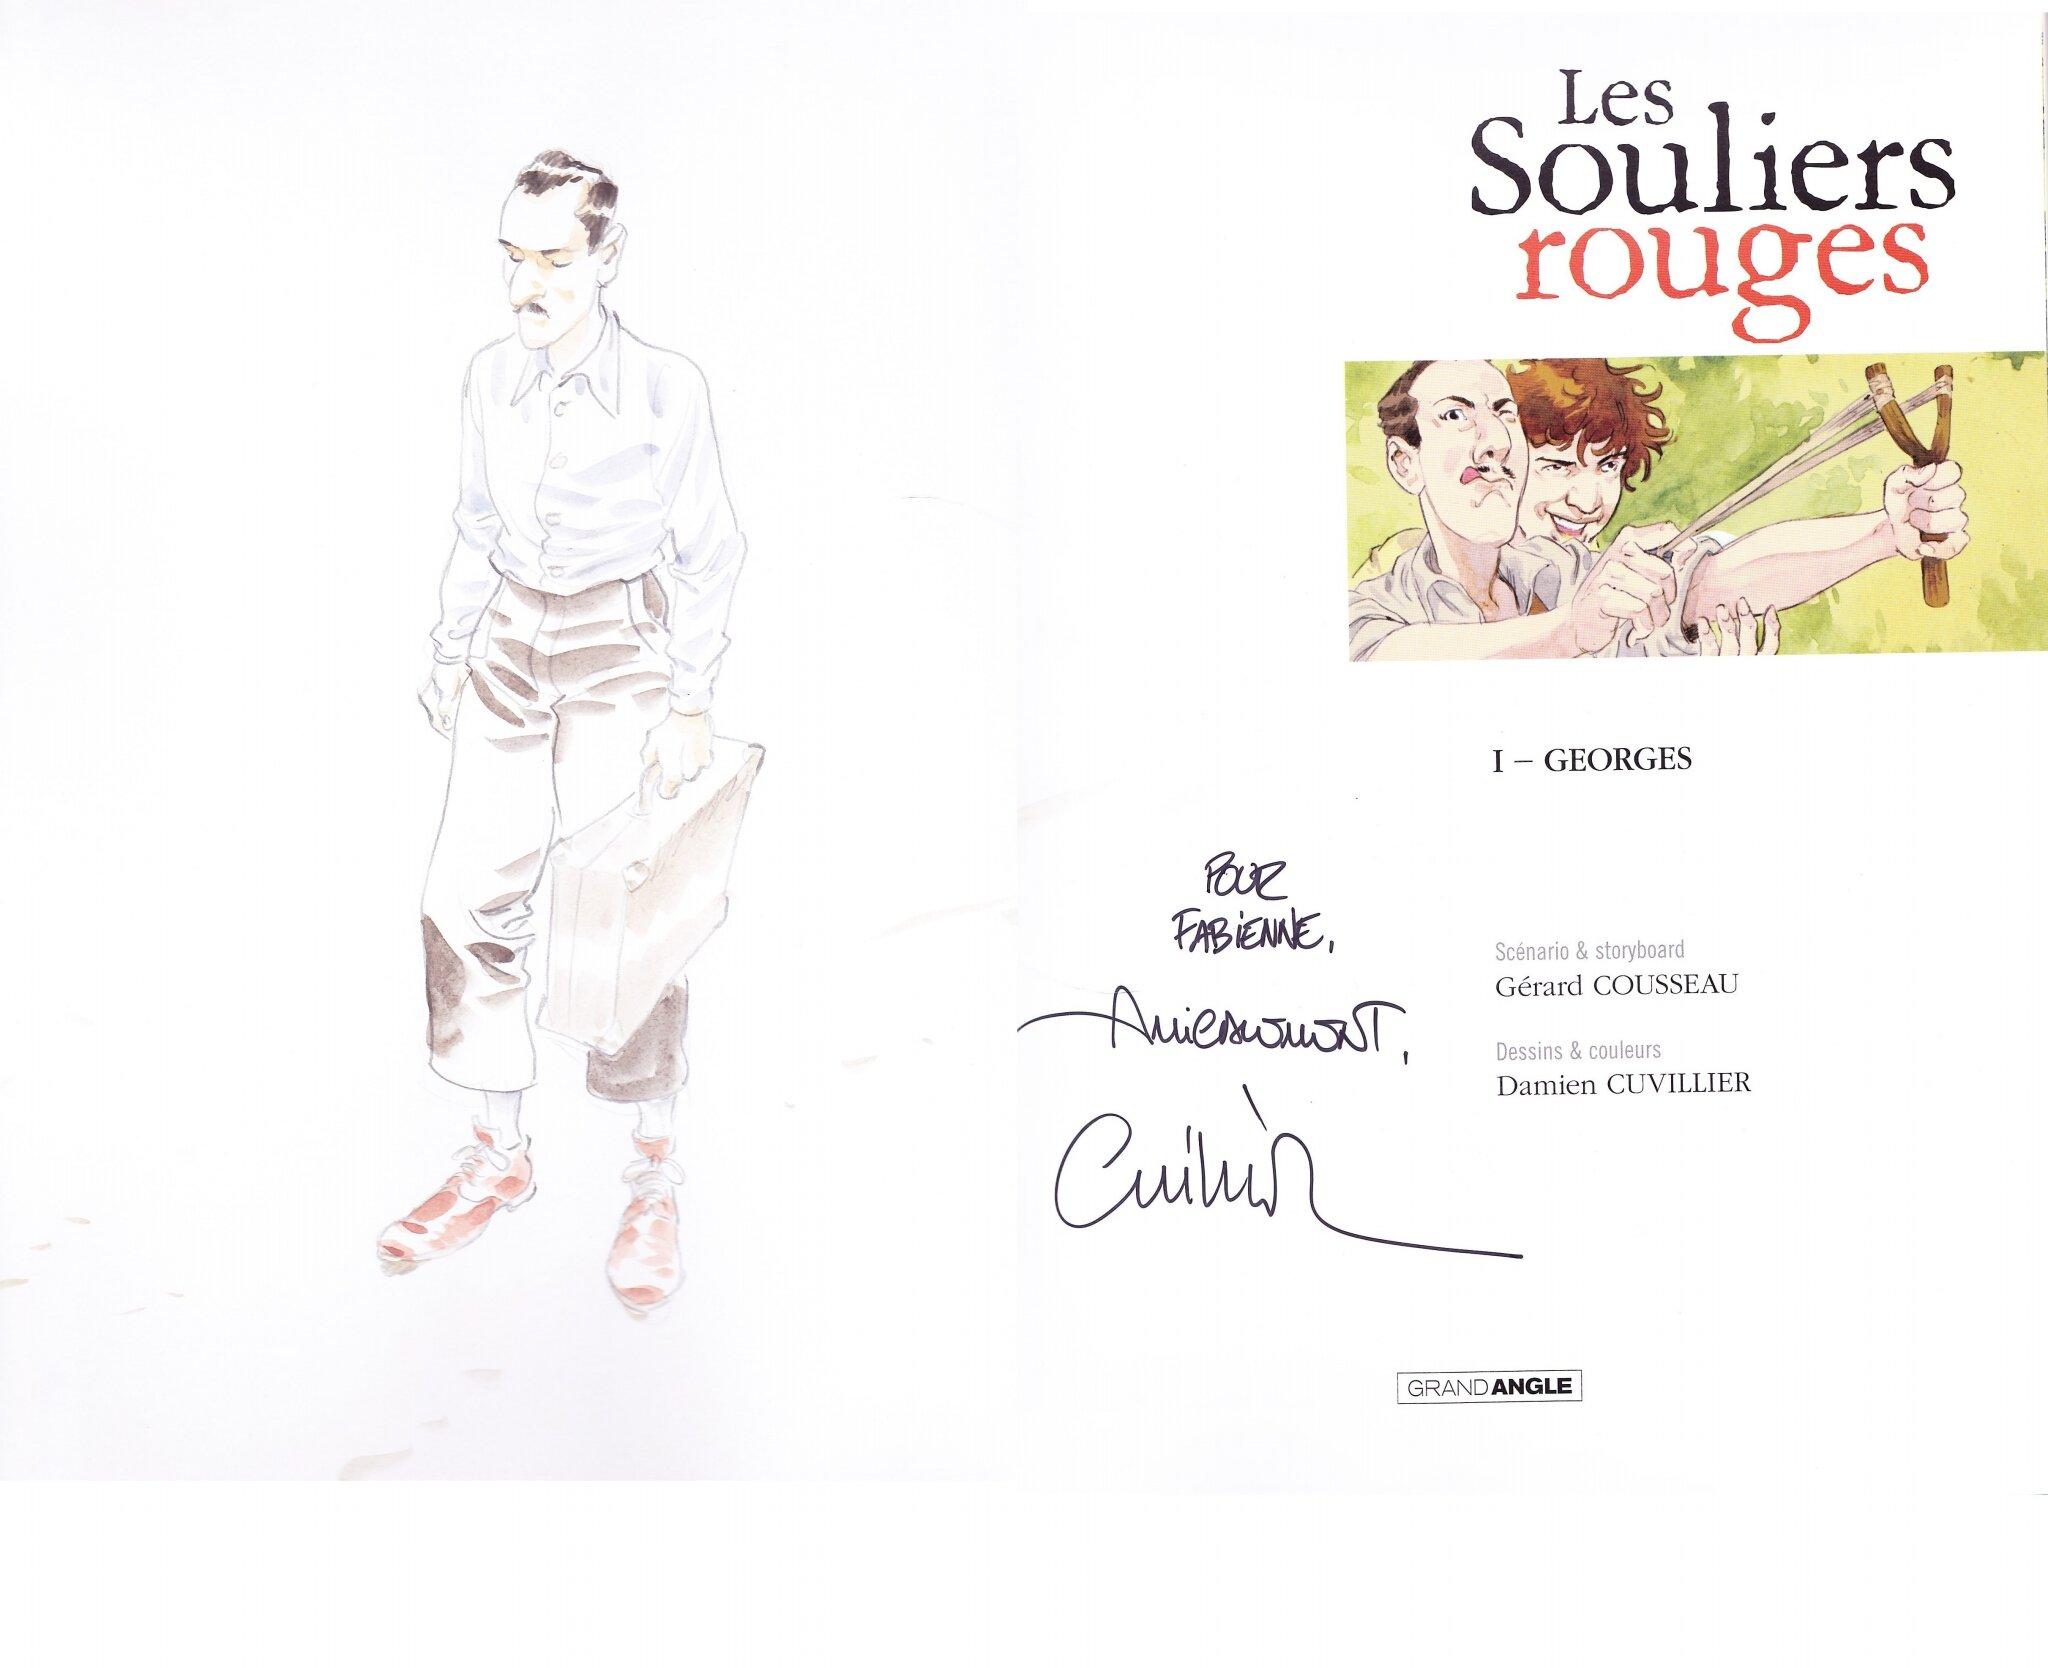 Salon du livre d'Albert Octobre 2014